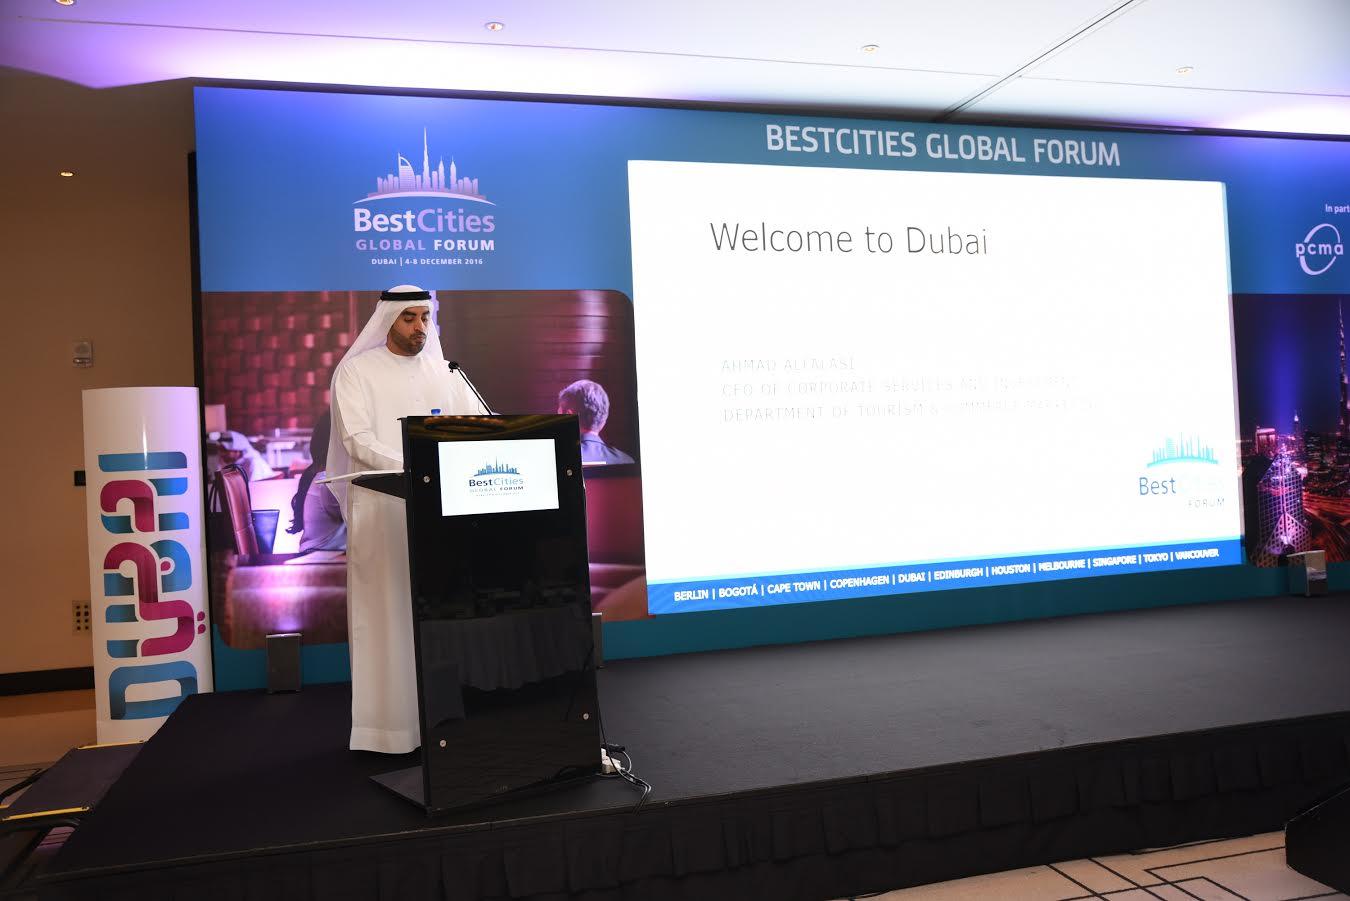 دبي تستضيف المنتدى العالمي لأفضل المدن